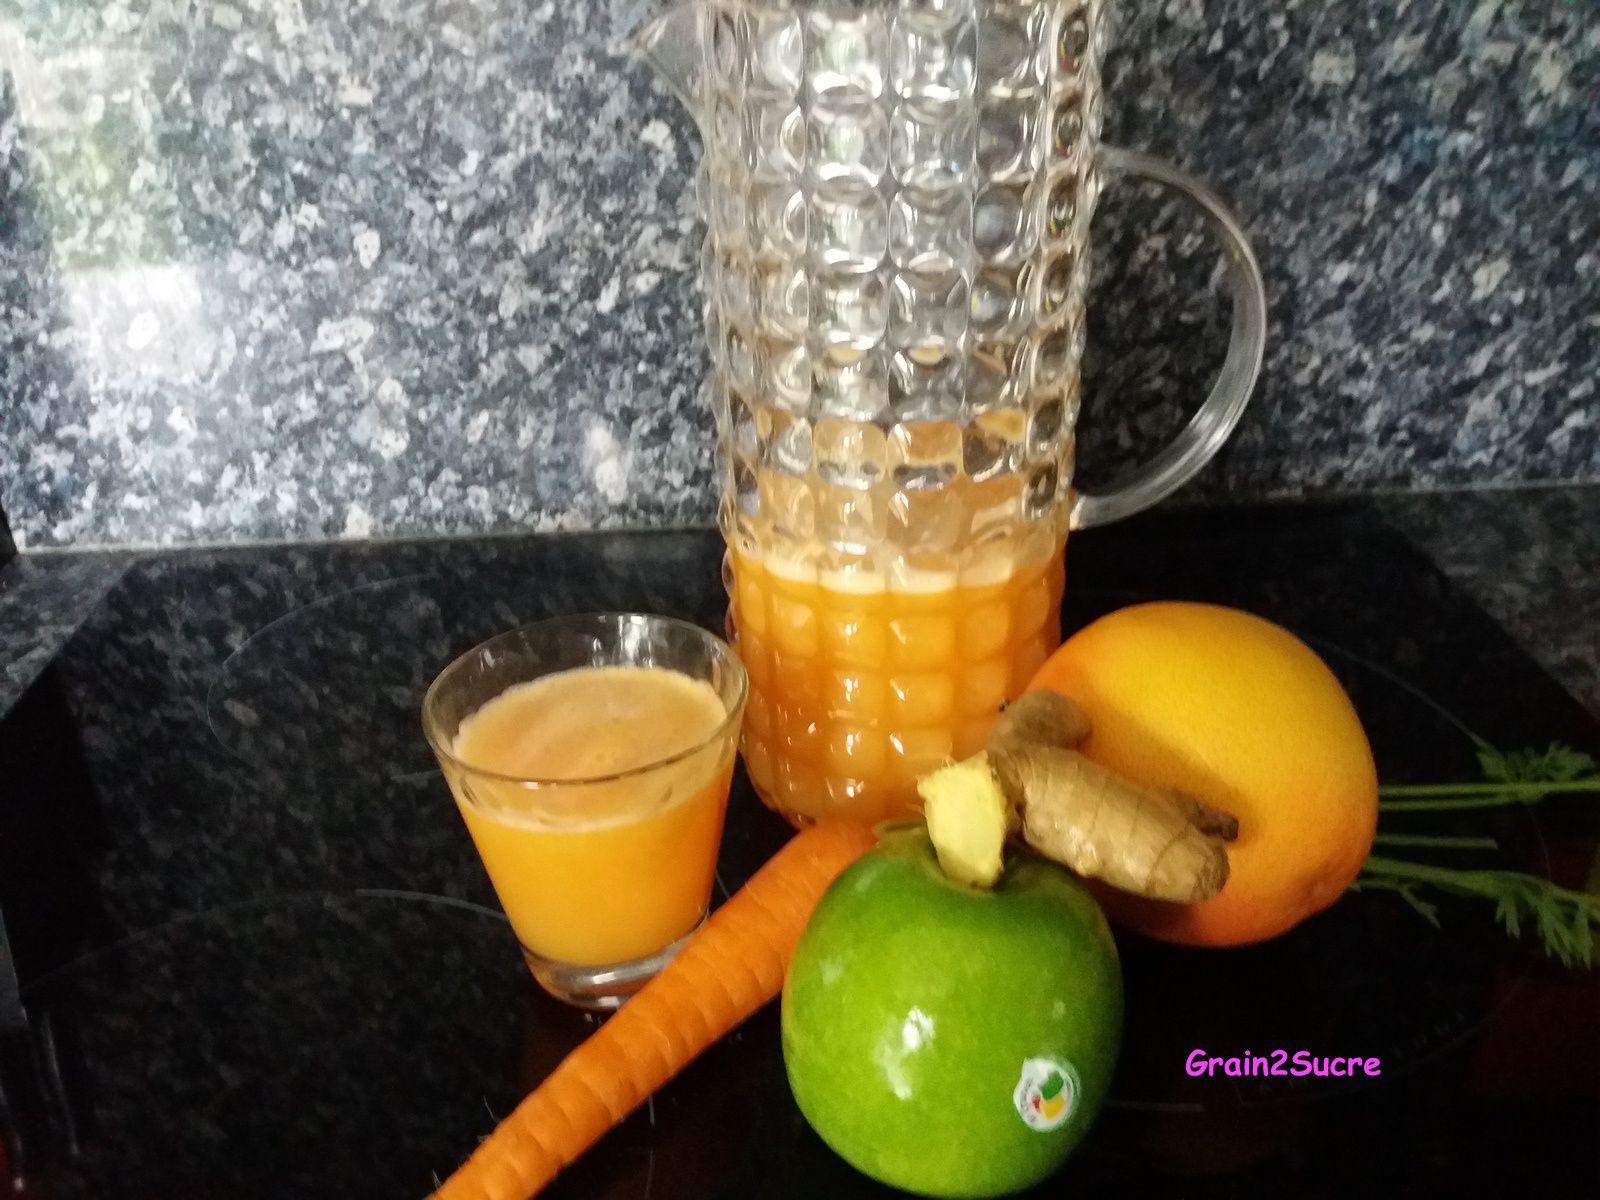 Recette Grain2Sucre. Jus de pomme, carottes, oranges, pamplemousse, gingembre.